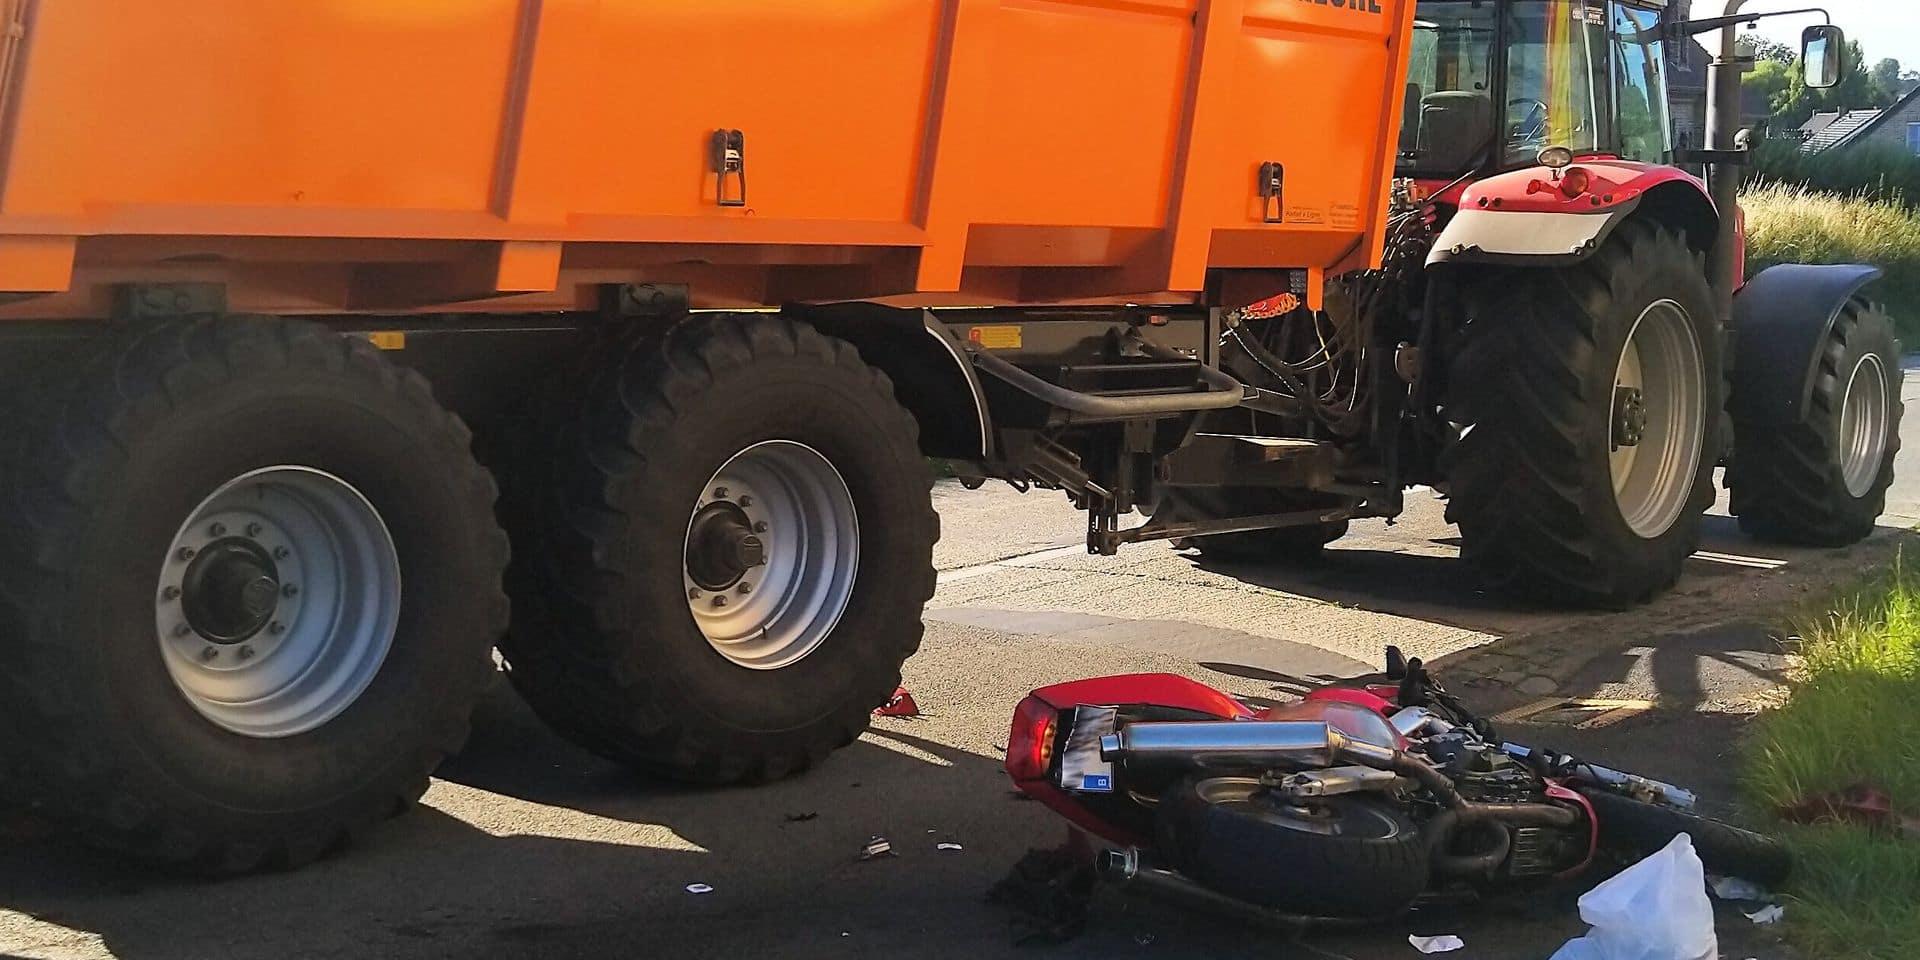 Chapelle-à-Wattines: Une manoeuvre de dépassement dangereuse fatale au motard